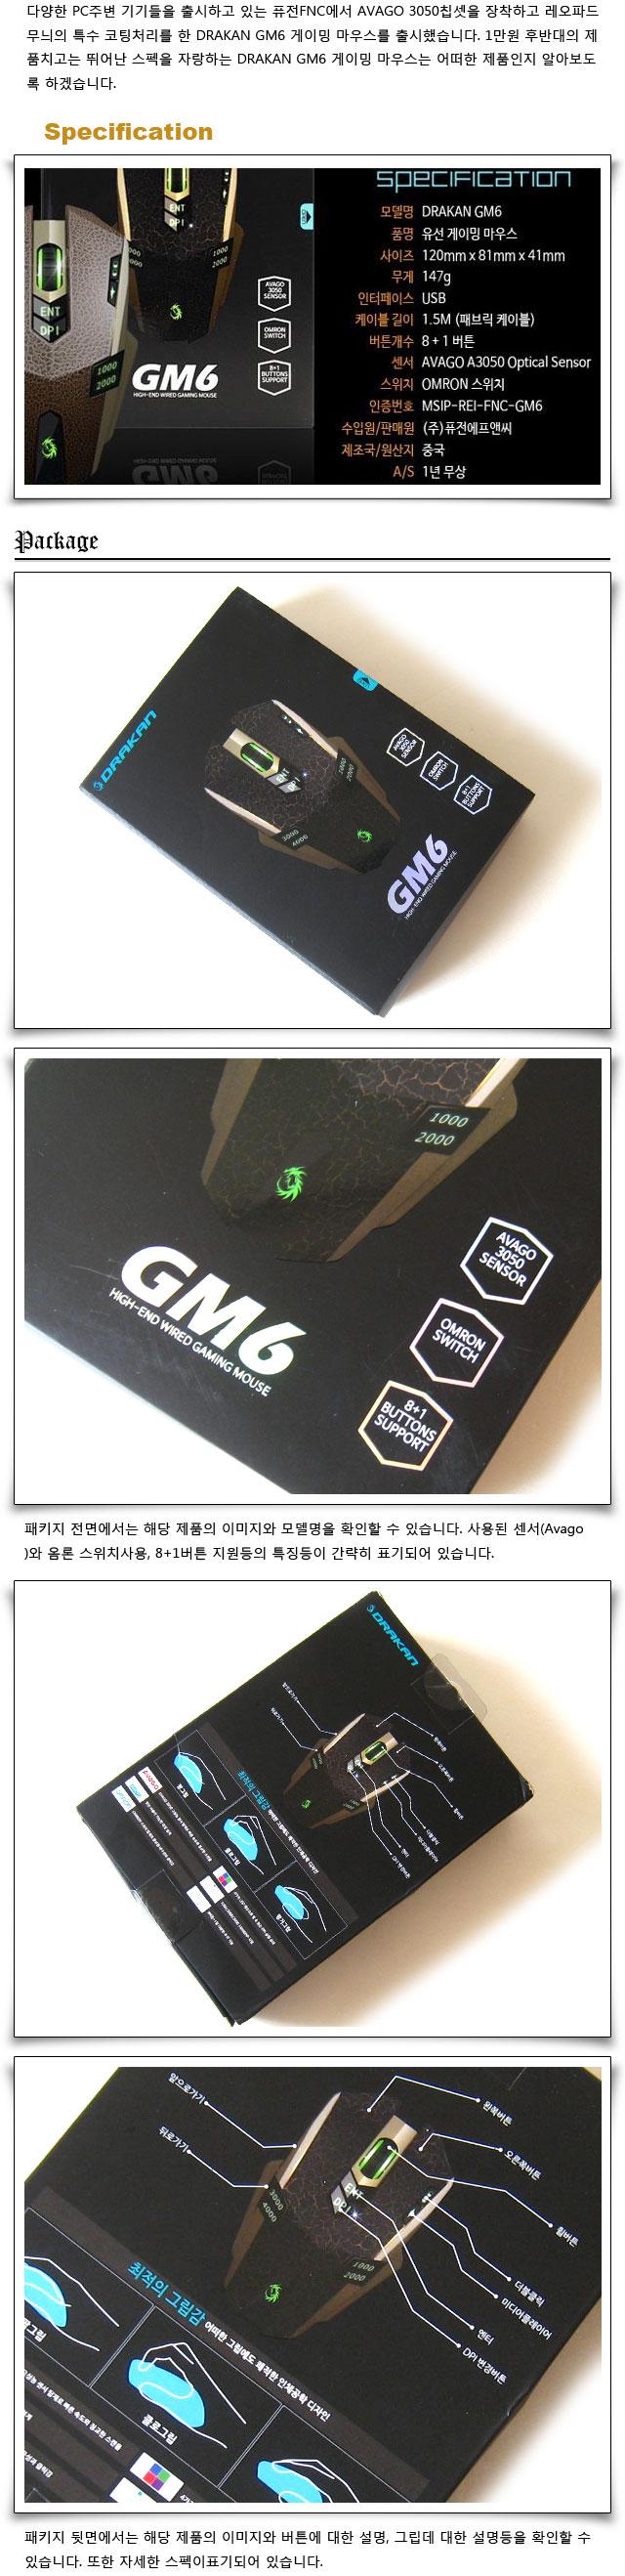 GM6_02.jpg